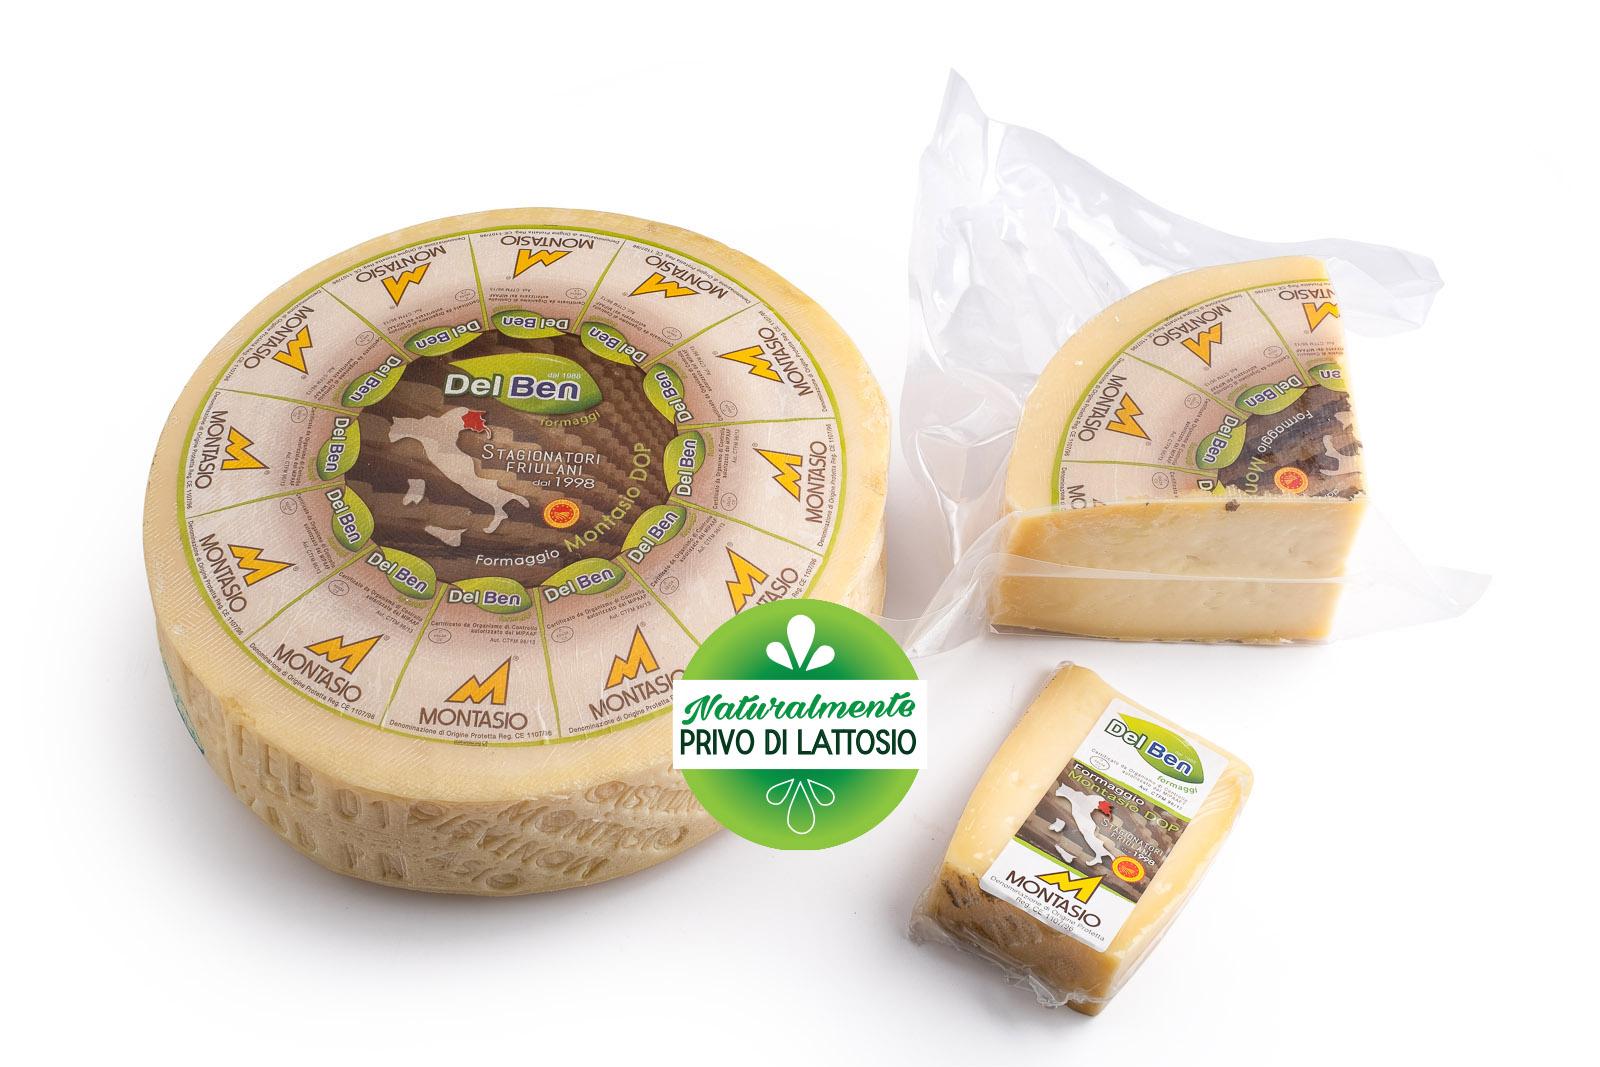 Formaggio - senza lattosio - Montasio mezzano - DOP PN casello 208 - Del Ben formaggi